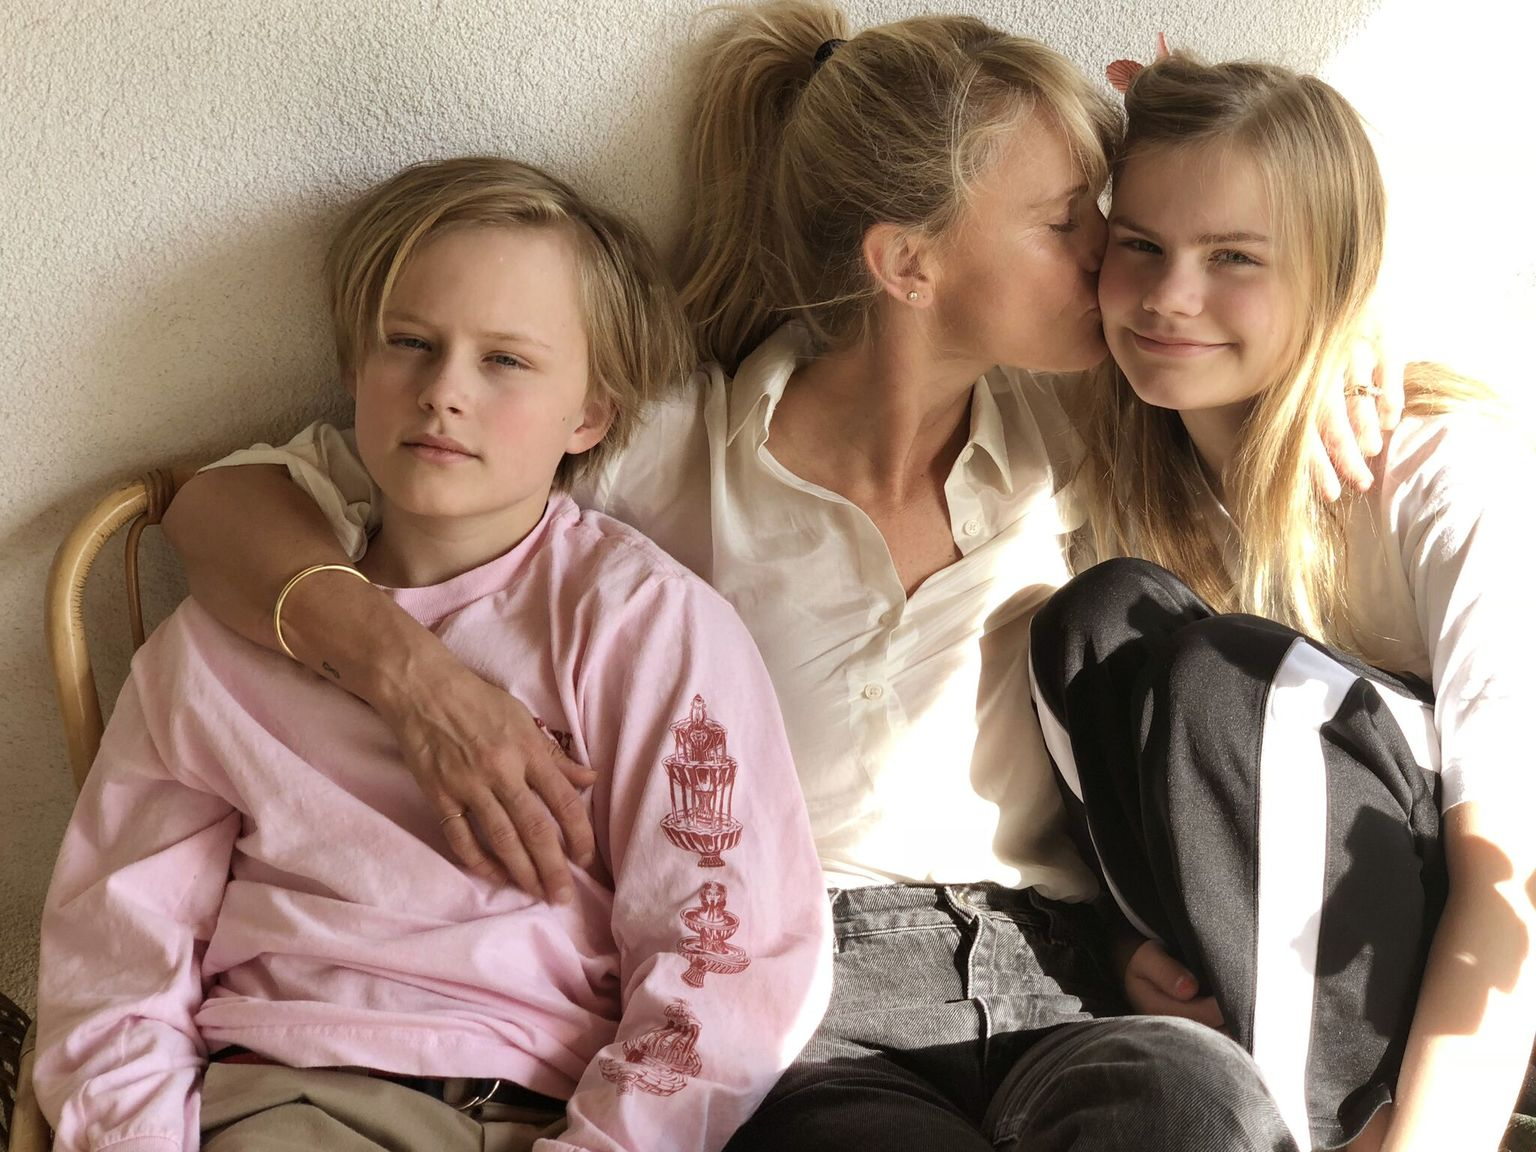 Lunamag.com: living with teens